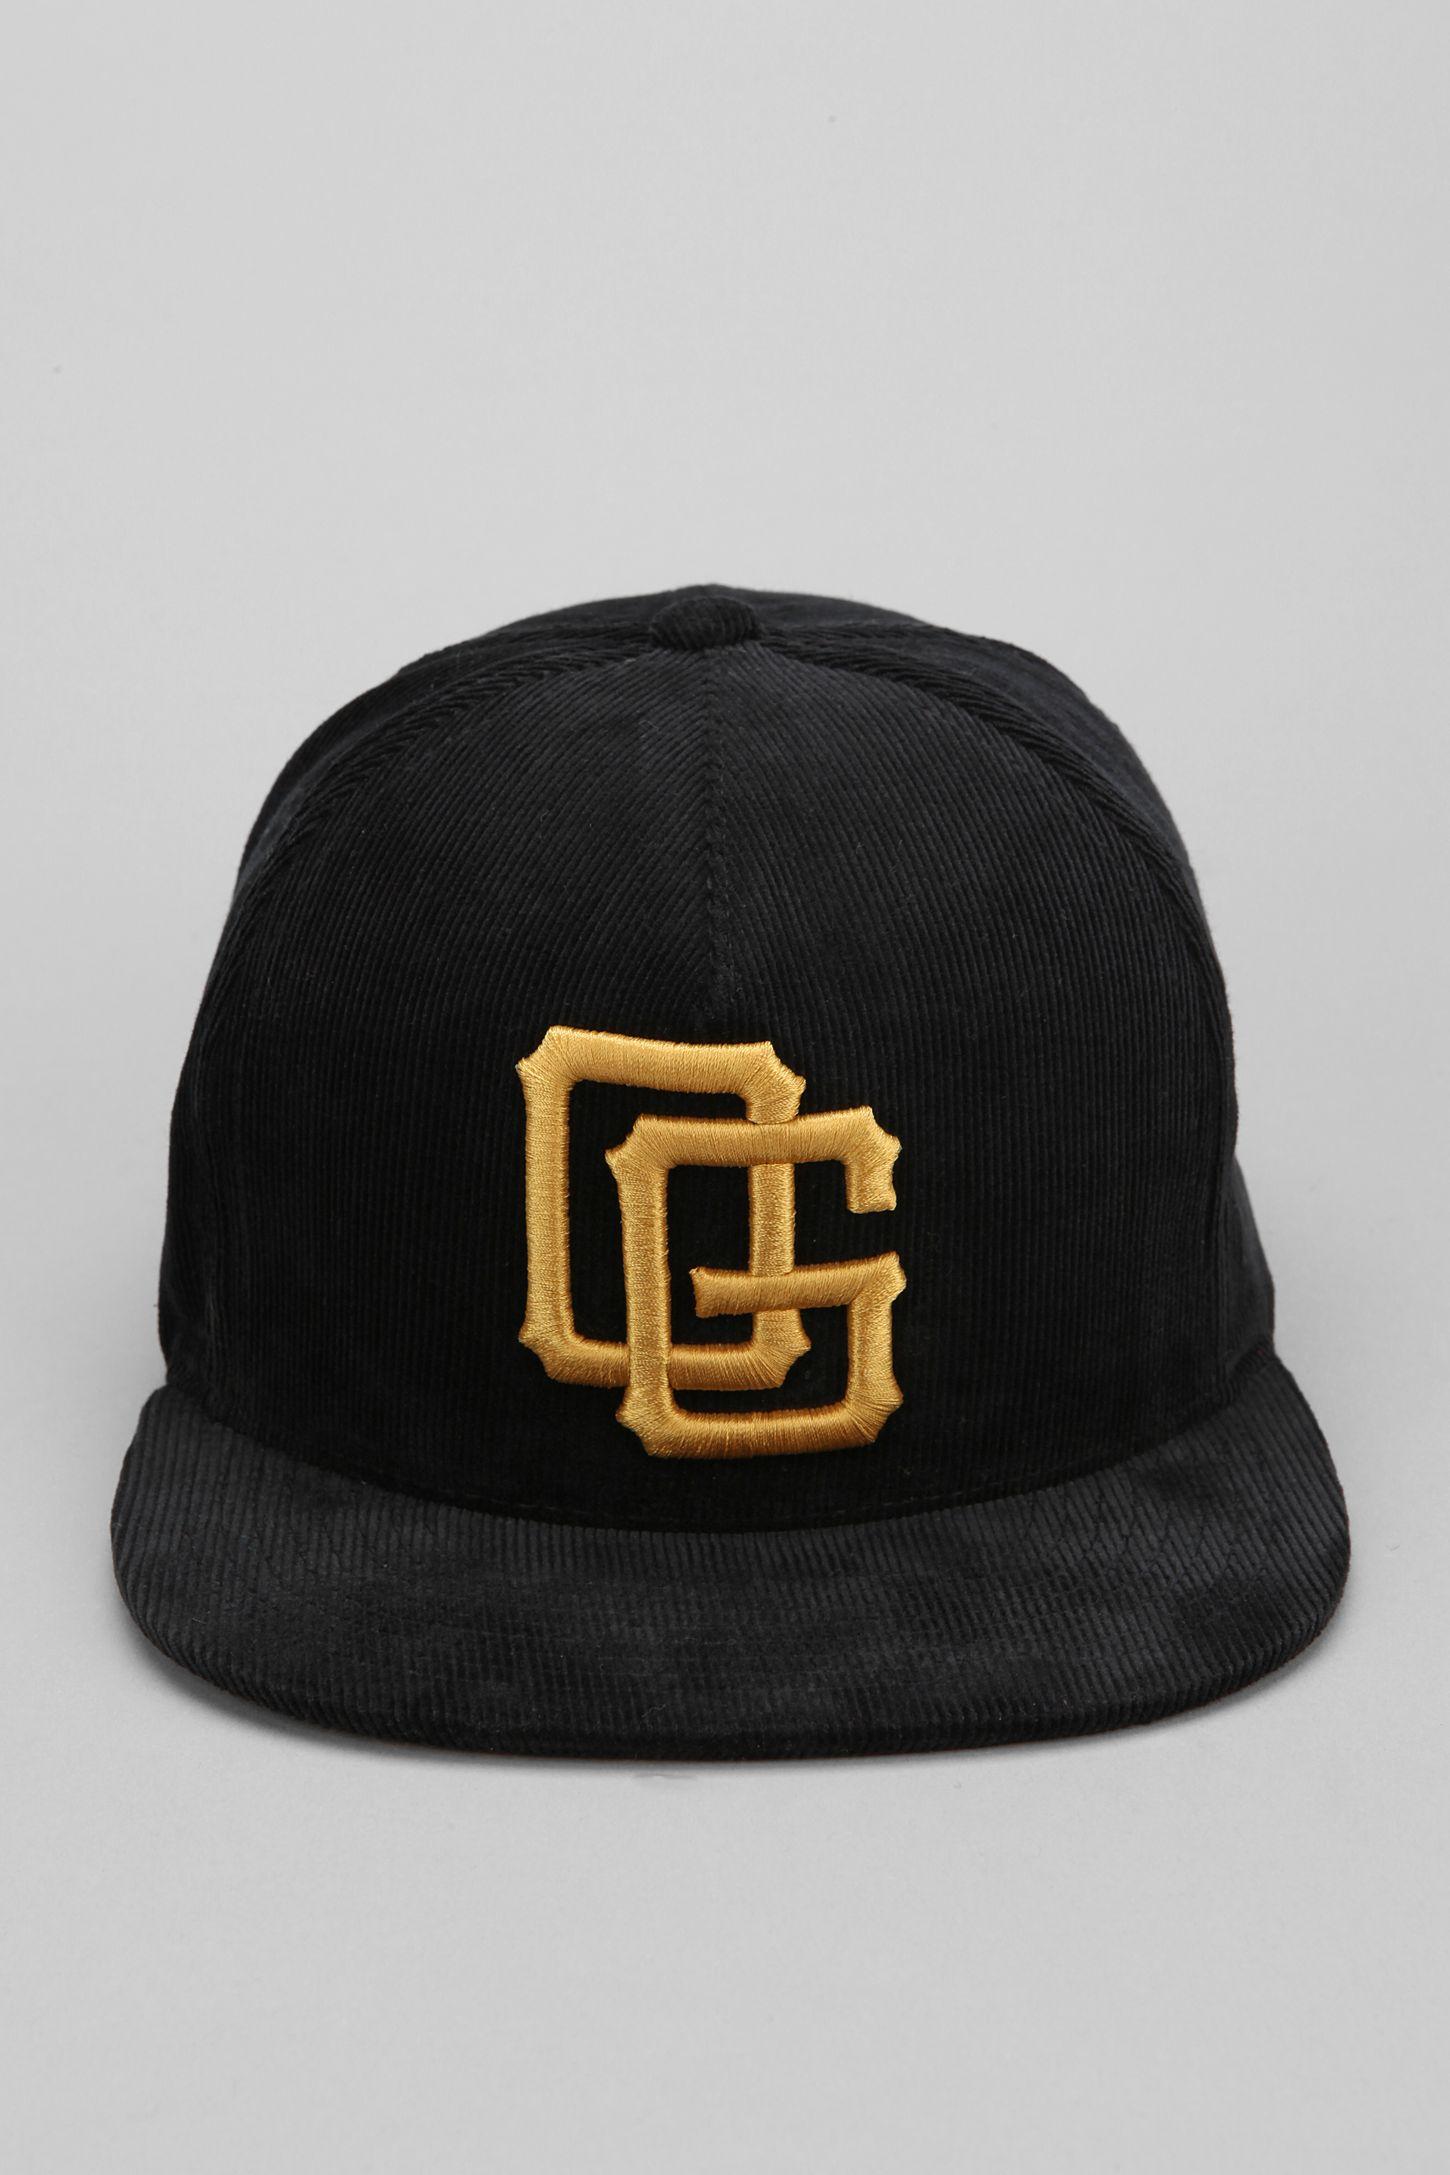 6d03519b5c1 OBEY Triple OG Snapback Hat